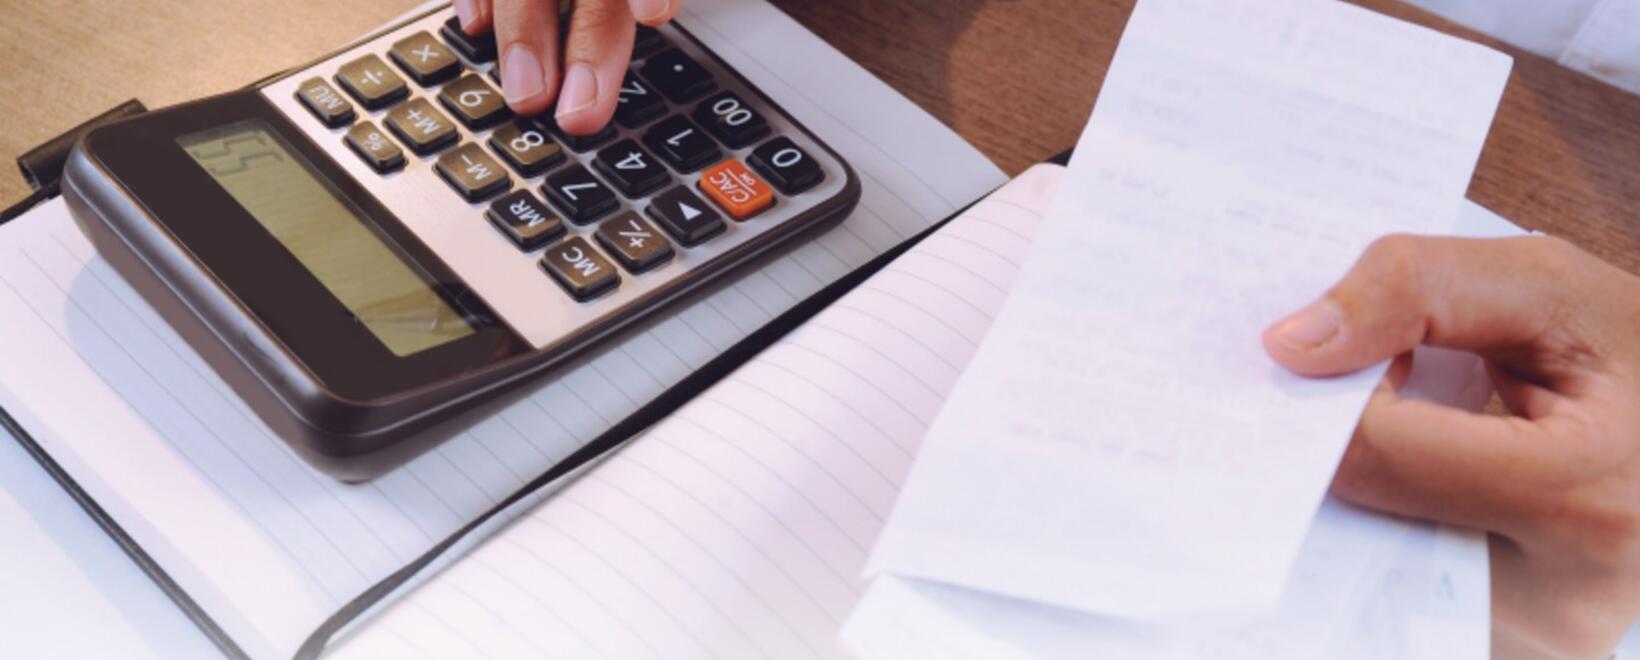 Esta guía busca fortalecer el conocimiento de principios contables básicos a través de talleres de capacitación y la entrega de un software.